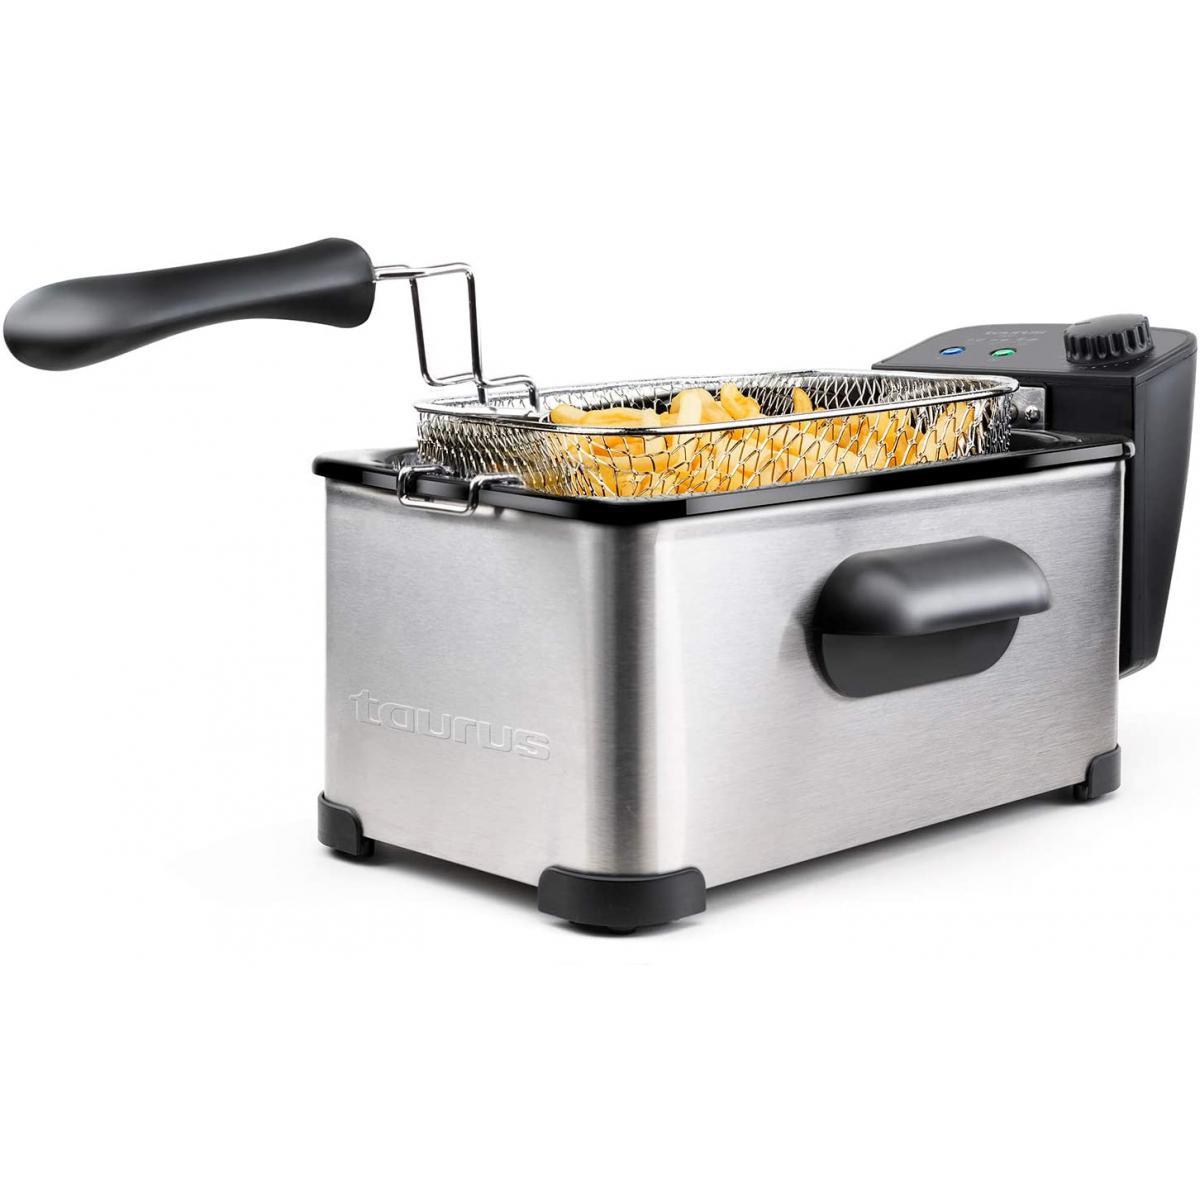 Taurus friteuse électrique de 3L 2000W gris noir